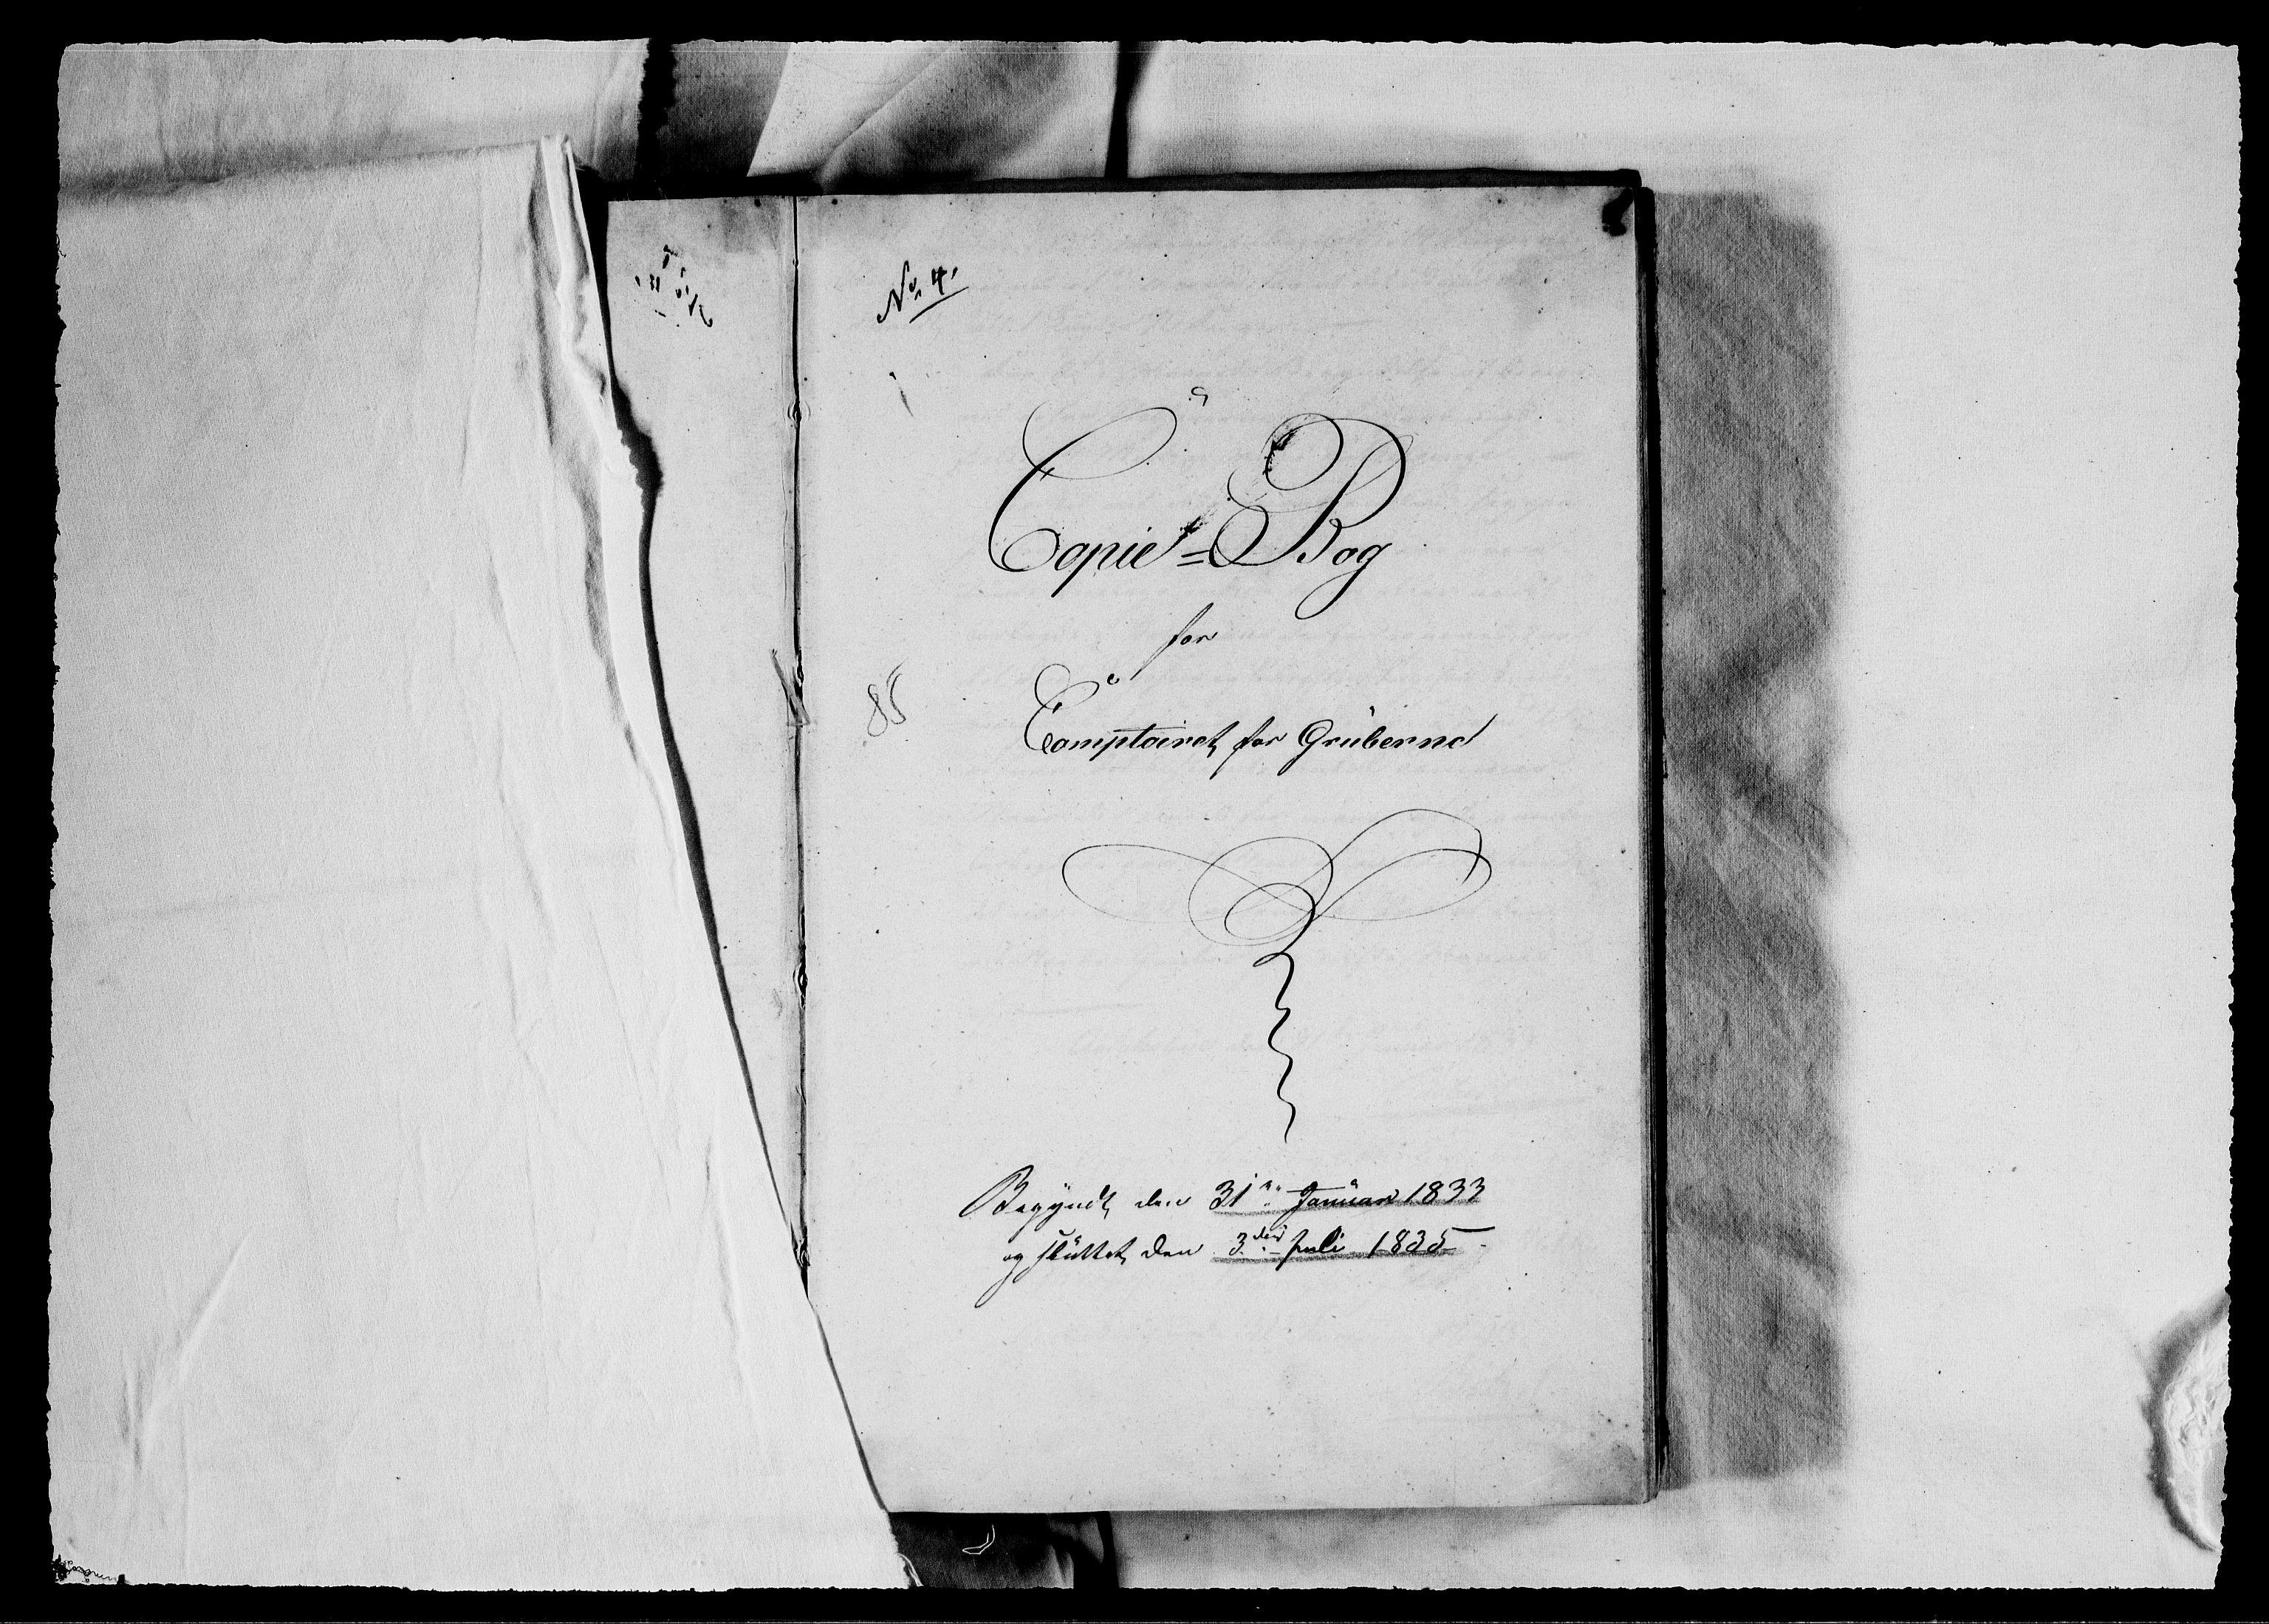 RA, Modums Blaafarveværk, G/Gb/L0085, 1833-1835, s. 2